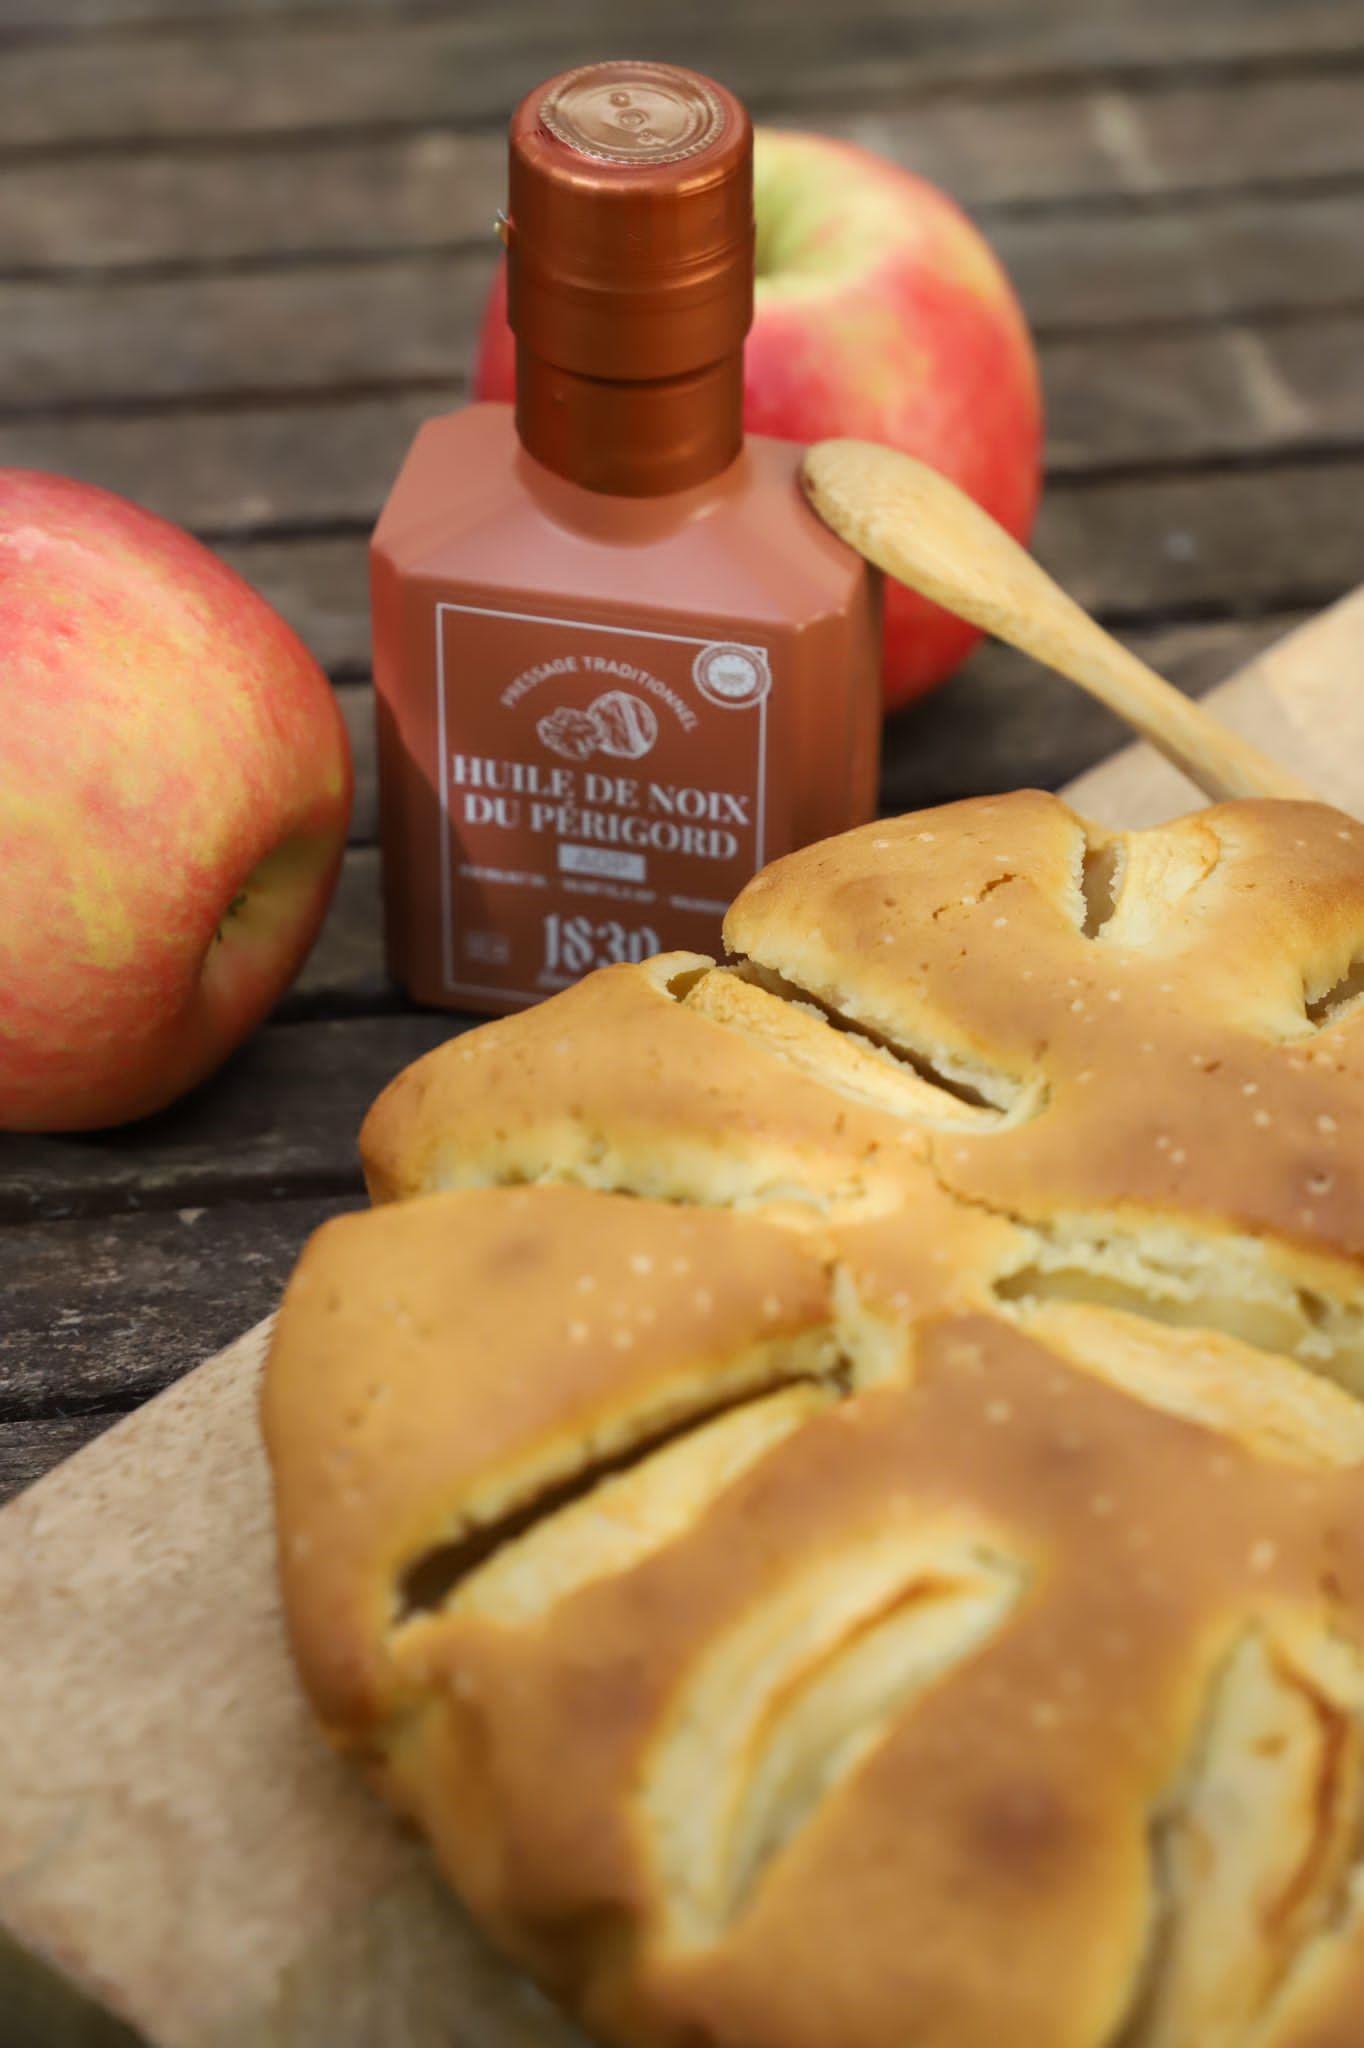 Recipe Gâteau aux pommes & huile de noix du Périgord AOP